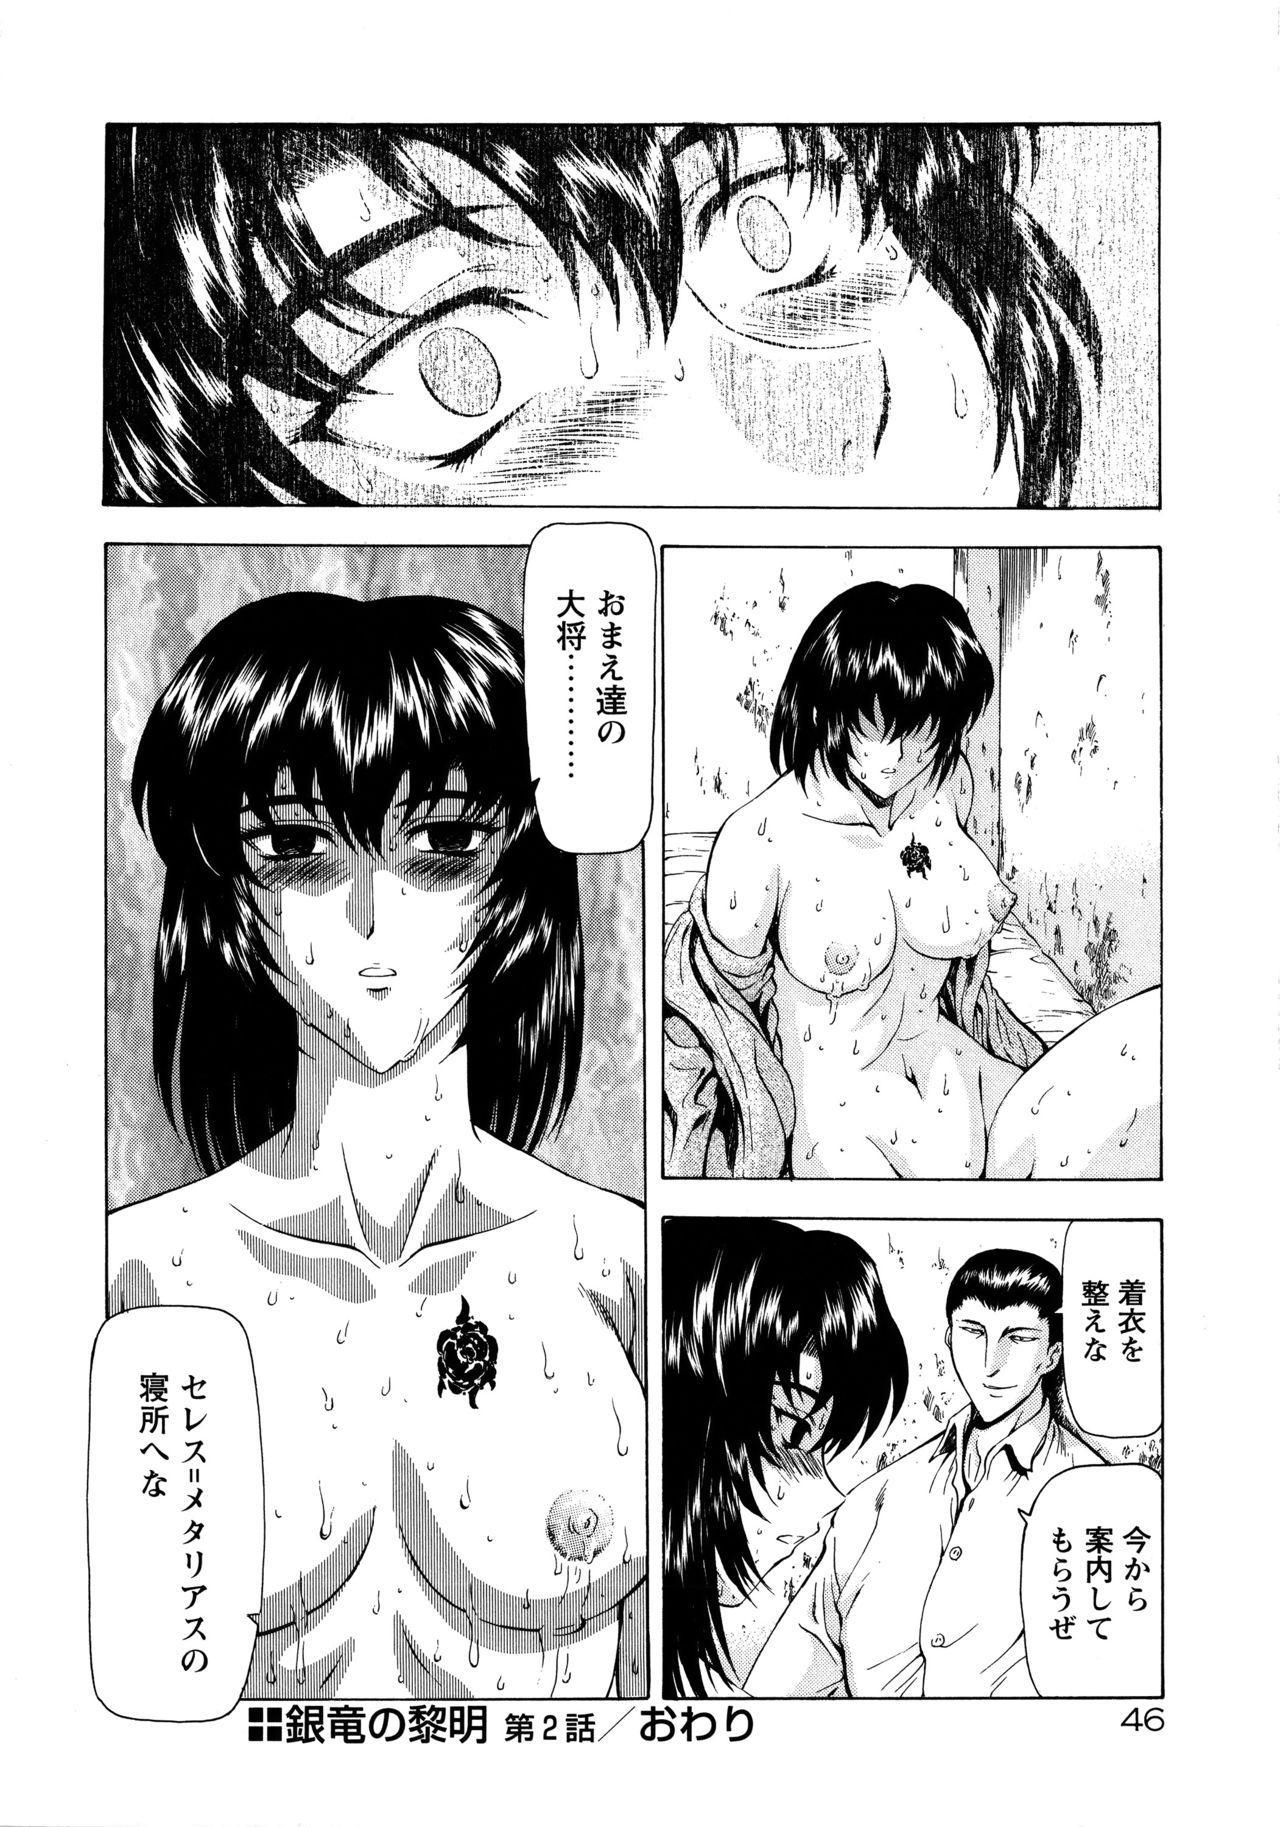 Ginryuu no Reimei Vol. 1 53